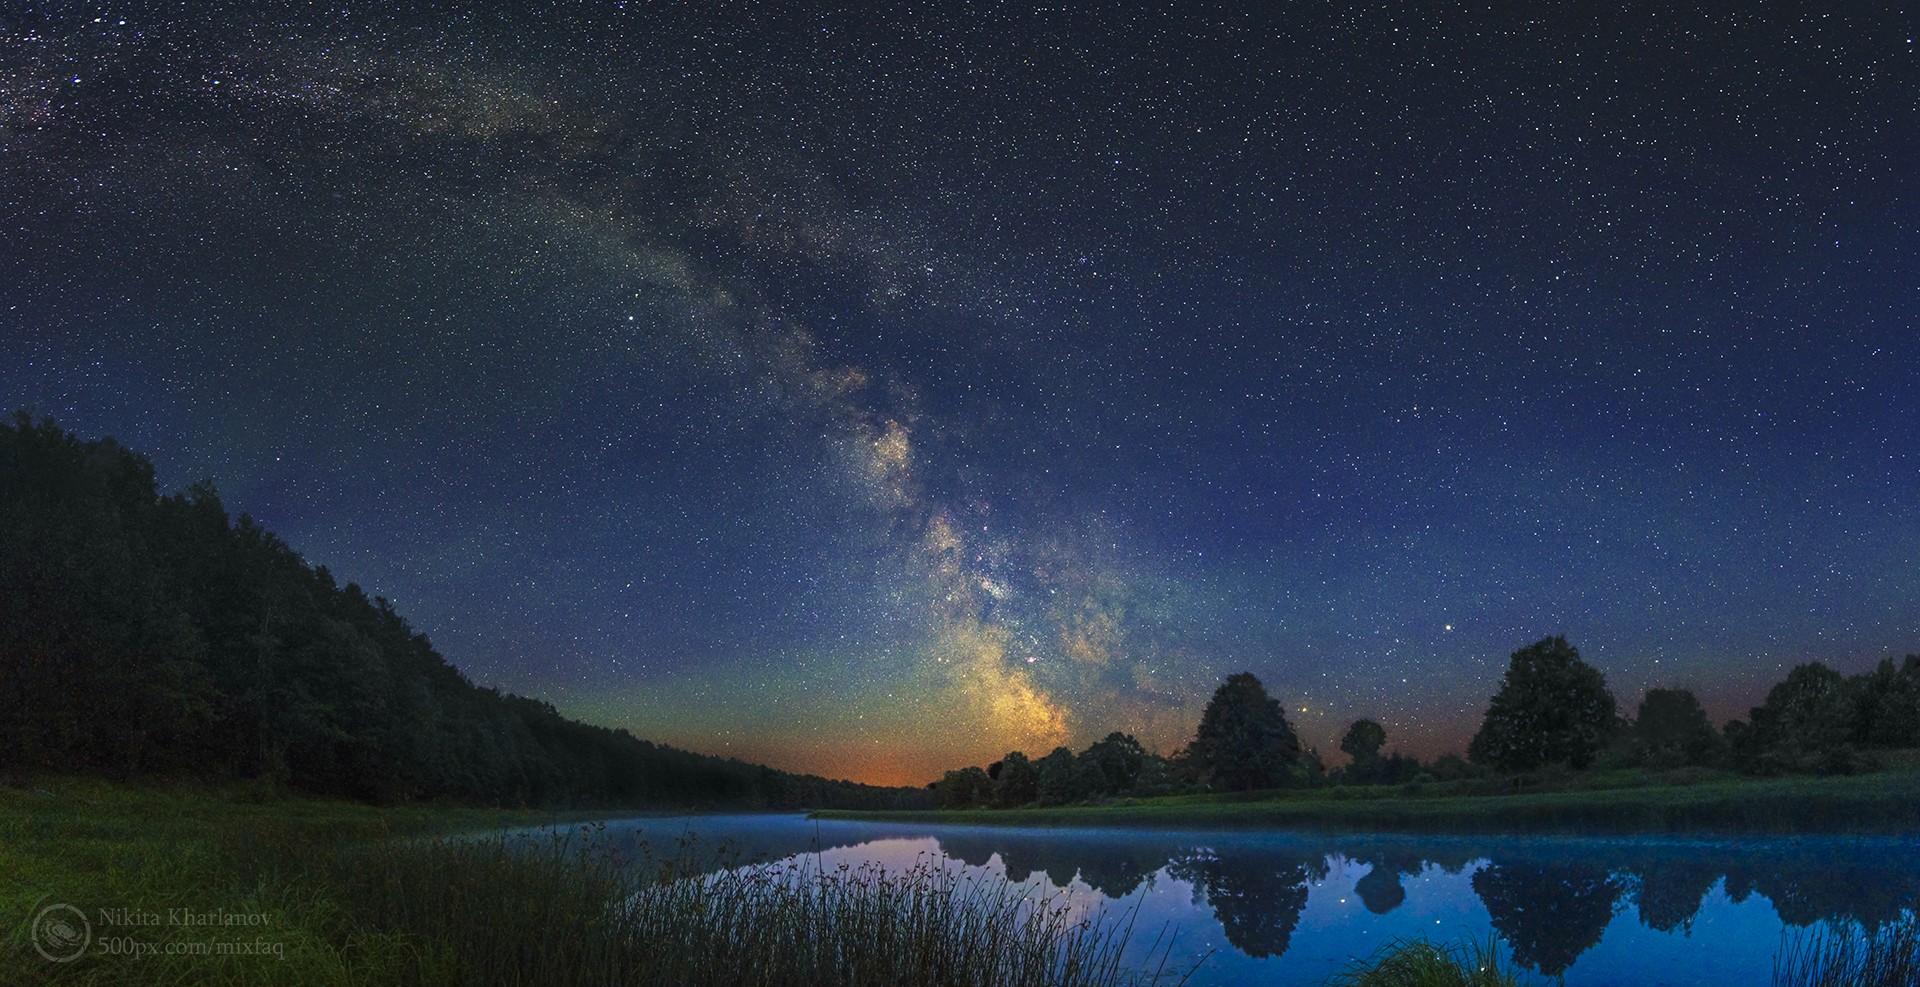 デスクトップ壁紙 銀河 スペース 反射 天の川 月光 夜空